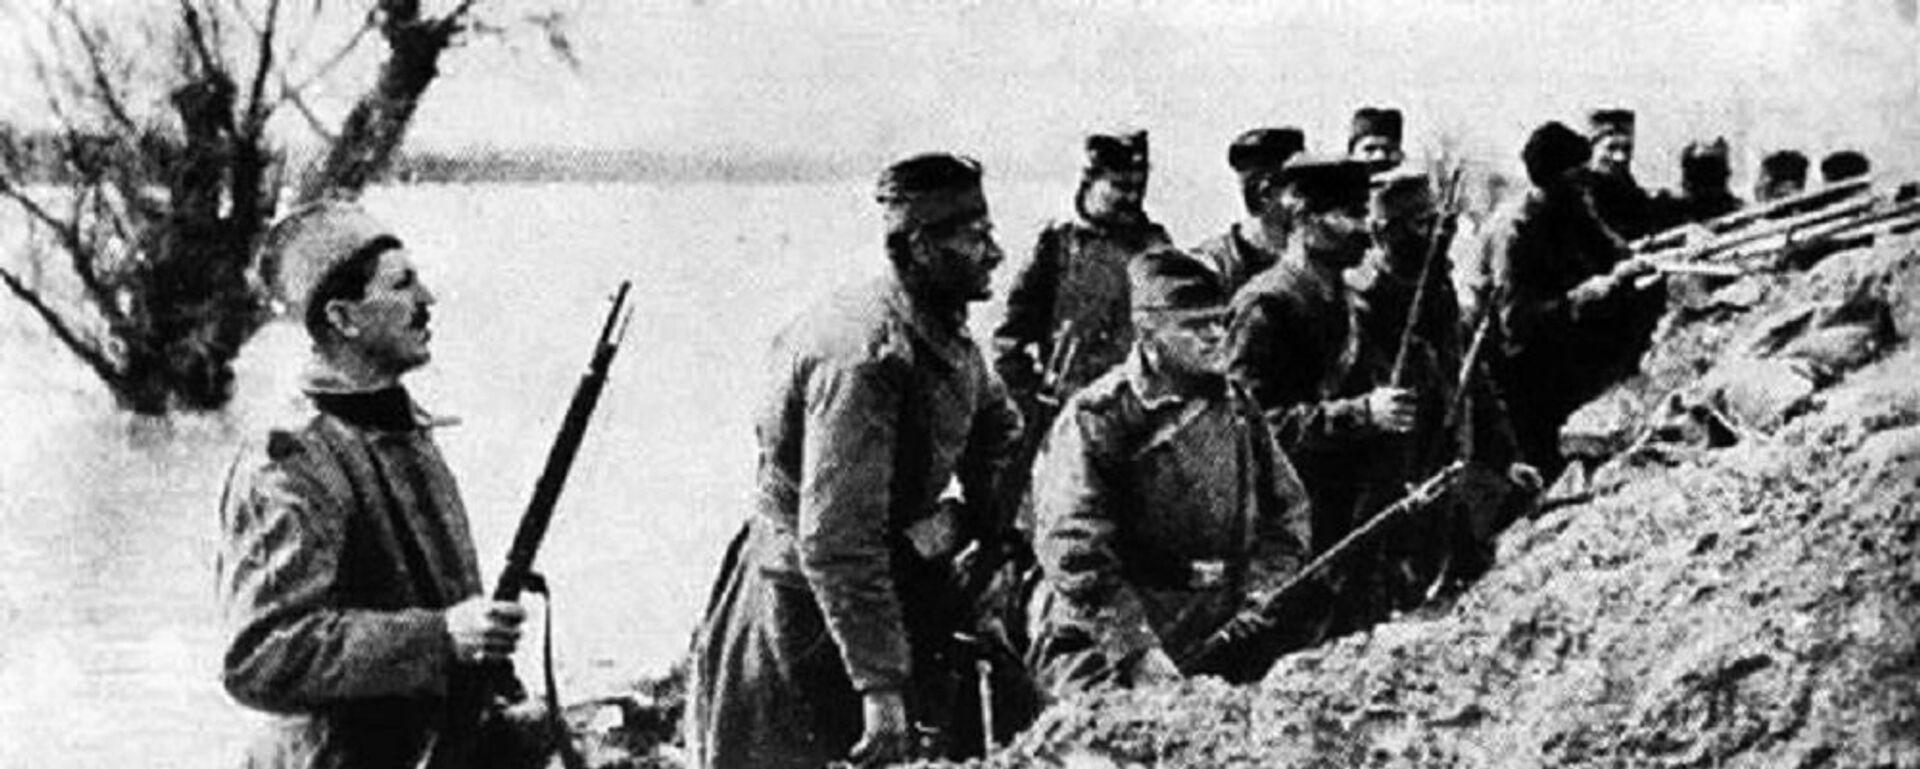 Српски војници у Првом светском рату - Sputnik Србија, 1920, 09.06.2020